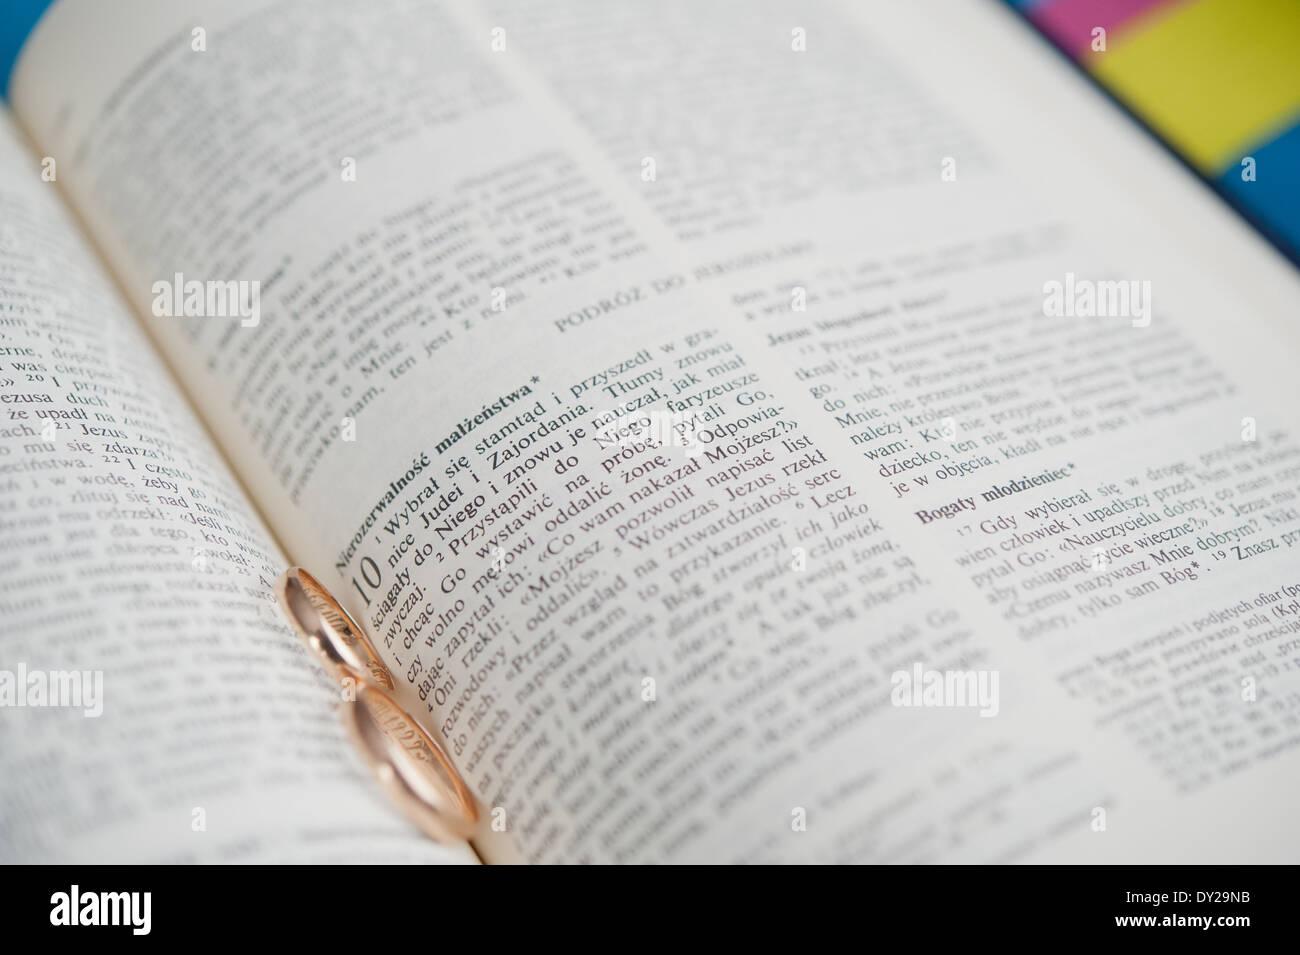 Zitat Bibel